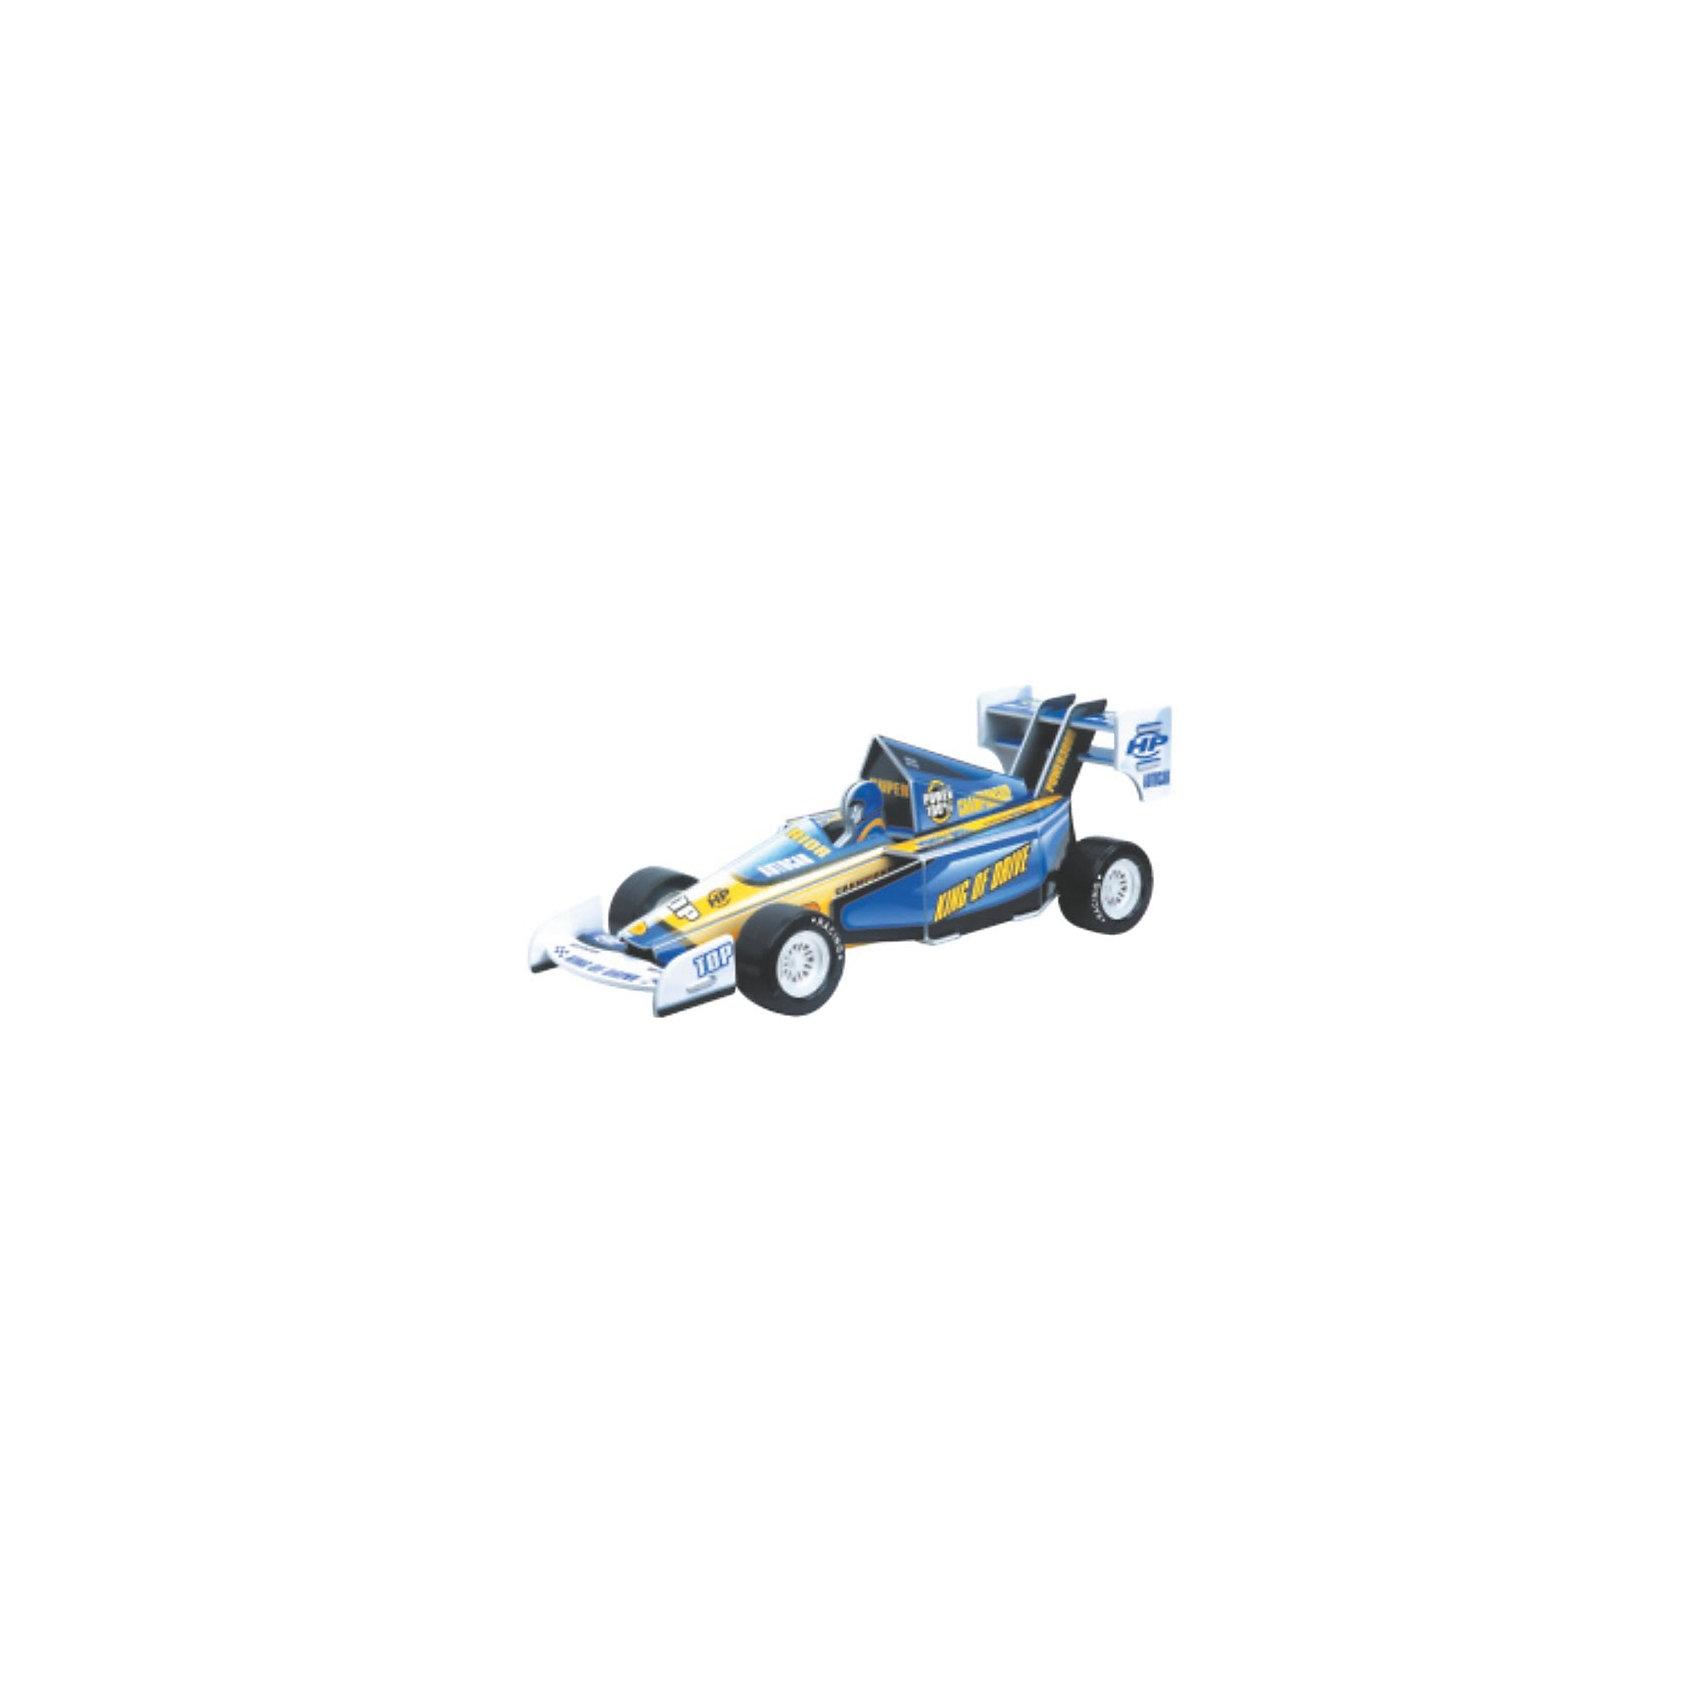 Конструктор-3D Гоночная Машинка XL, синяя3D пазлы<br>Характеристики товара:<br><br>• возраст: от 6 лет;<br>• материал: пластик;<br>• в комплекте: 40 элементов, инструкция;<br>• размер упаковки: 24х32х3,5 см;<br>• вес упаковки: 302 гр.;<br>• страна производитель: Китай.<br><br>Конструктор 3D «Гоночная машинка XL» синяя Educational Line позволит ребенку самому собрать подвижную игрушку. Все детали конструктора прочно соединяются между собой без дополнительных инструментов и клея.<br><br>Готовую модель можно использовать как настоящую машинку и устраивать с ней захватывающие заезды и разнообразные игры. Сборка конструктора способствует развитию логического мышления, внимательности, интеллекта.<br><br>Конструктор 3D «Гоночная машинка XL» синяя Educational Line можно приобрести в нашем интернет-магазине.<br><br>Ширина мм: 77<br>Глубина мм: 35<br>Высота мм: 77<br>Вес г: 312<br>Возраст от месяцев: 72<br>Возраст до месяцев: 2147483647<br>Пол: Мужской<br>Возраст: Детский<br>SKU: 5362965